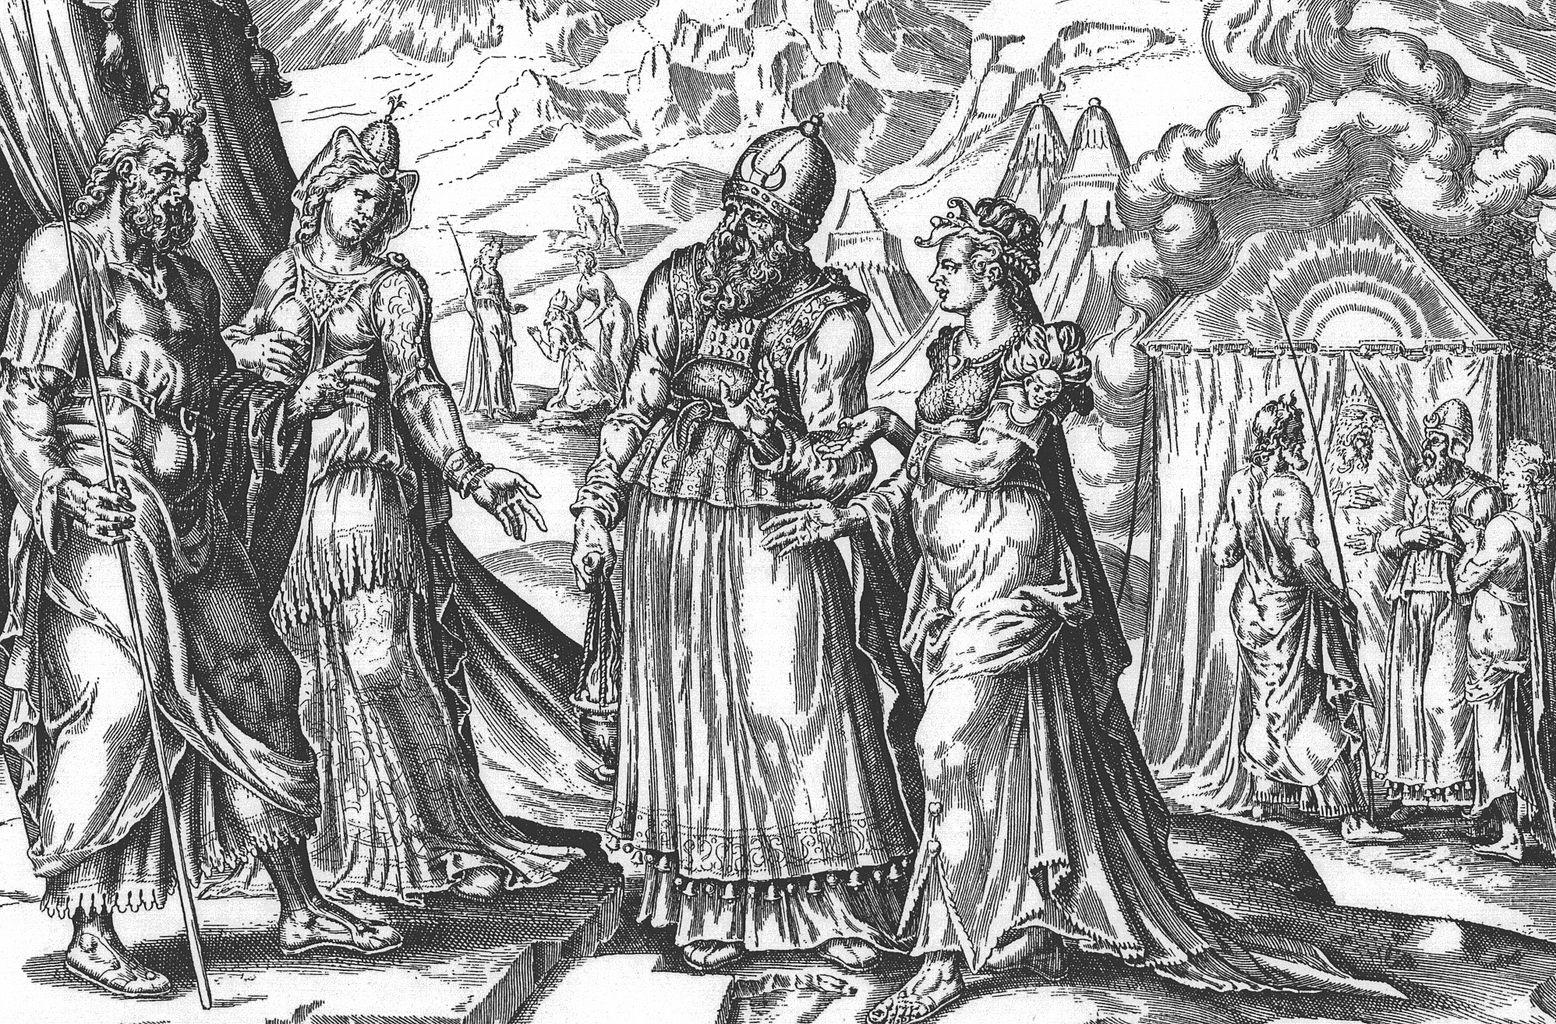 מרים ואהרן מתלוננים על משה. בתור עונש לקתה מרים בצרעת